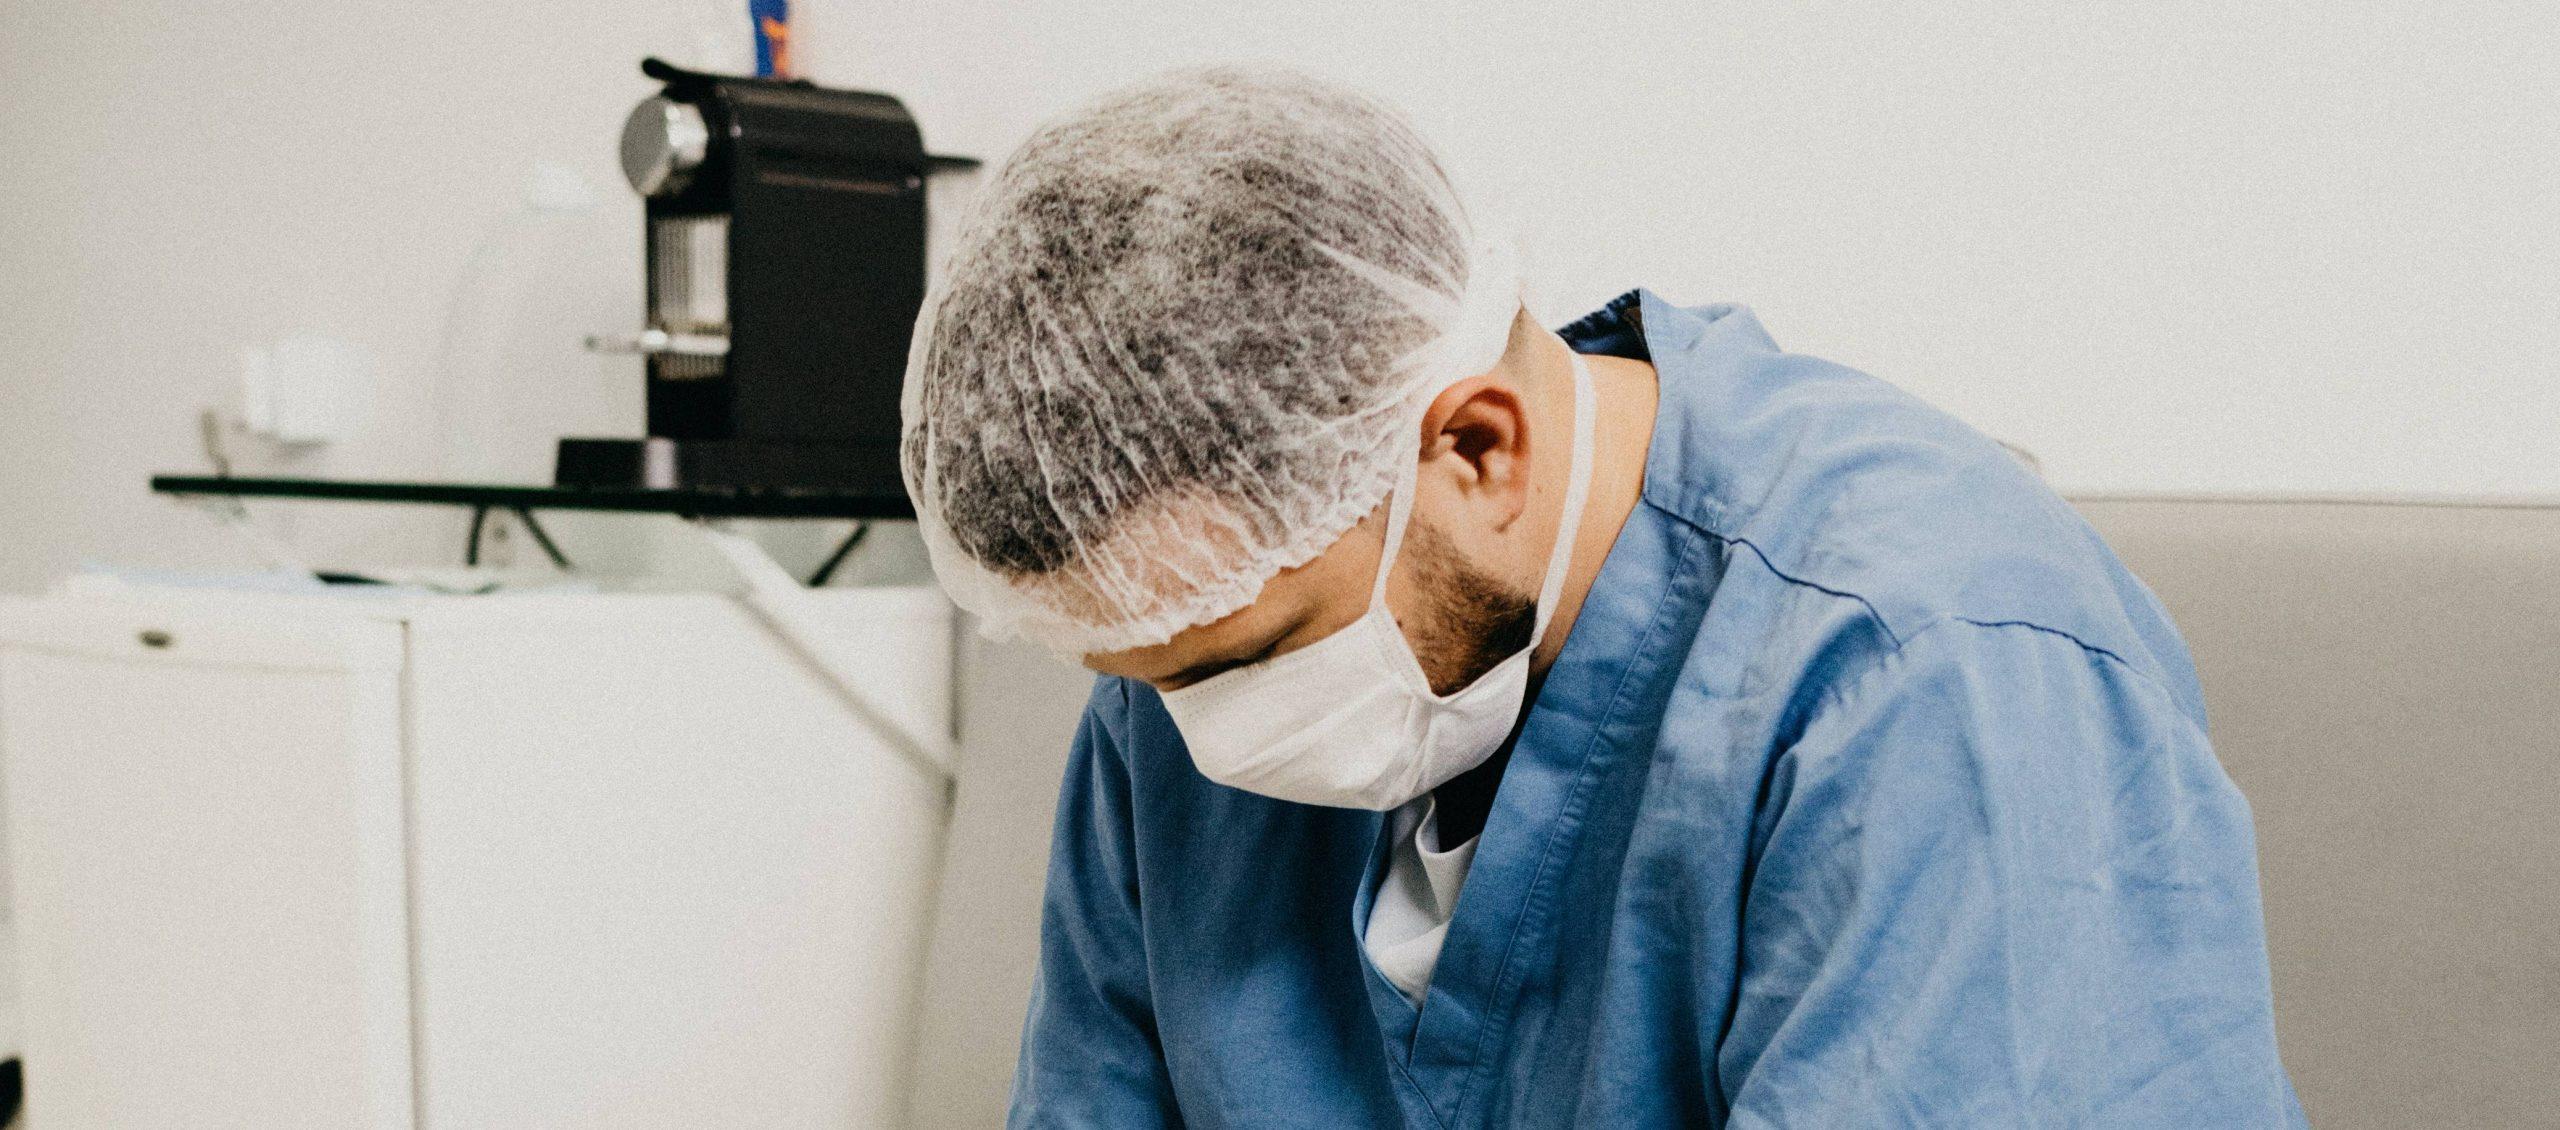 Kwart zorgmedewerkers stopt als stressklachten niet verminderen